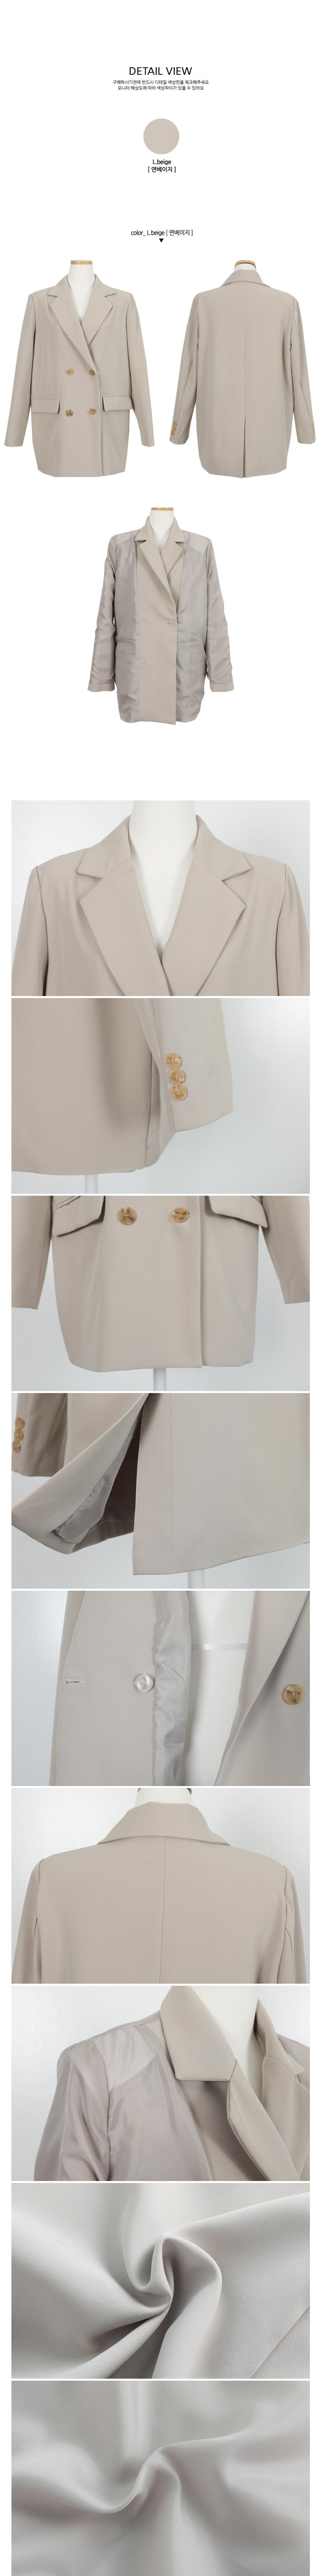 Lona Jacket